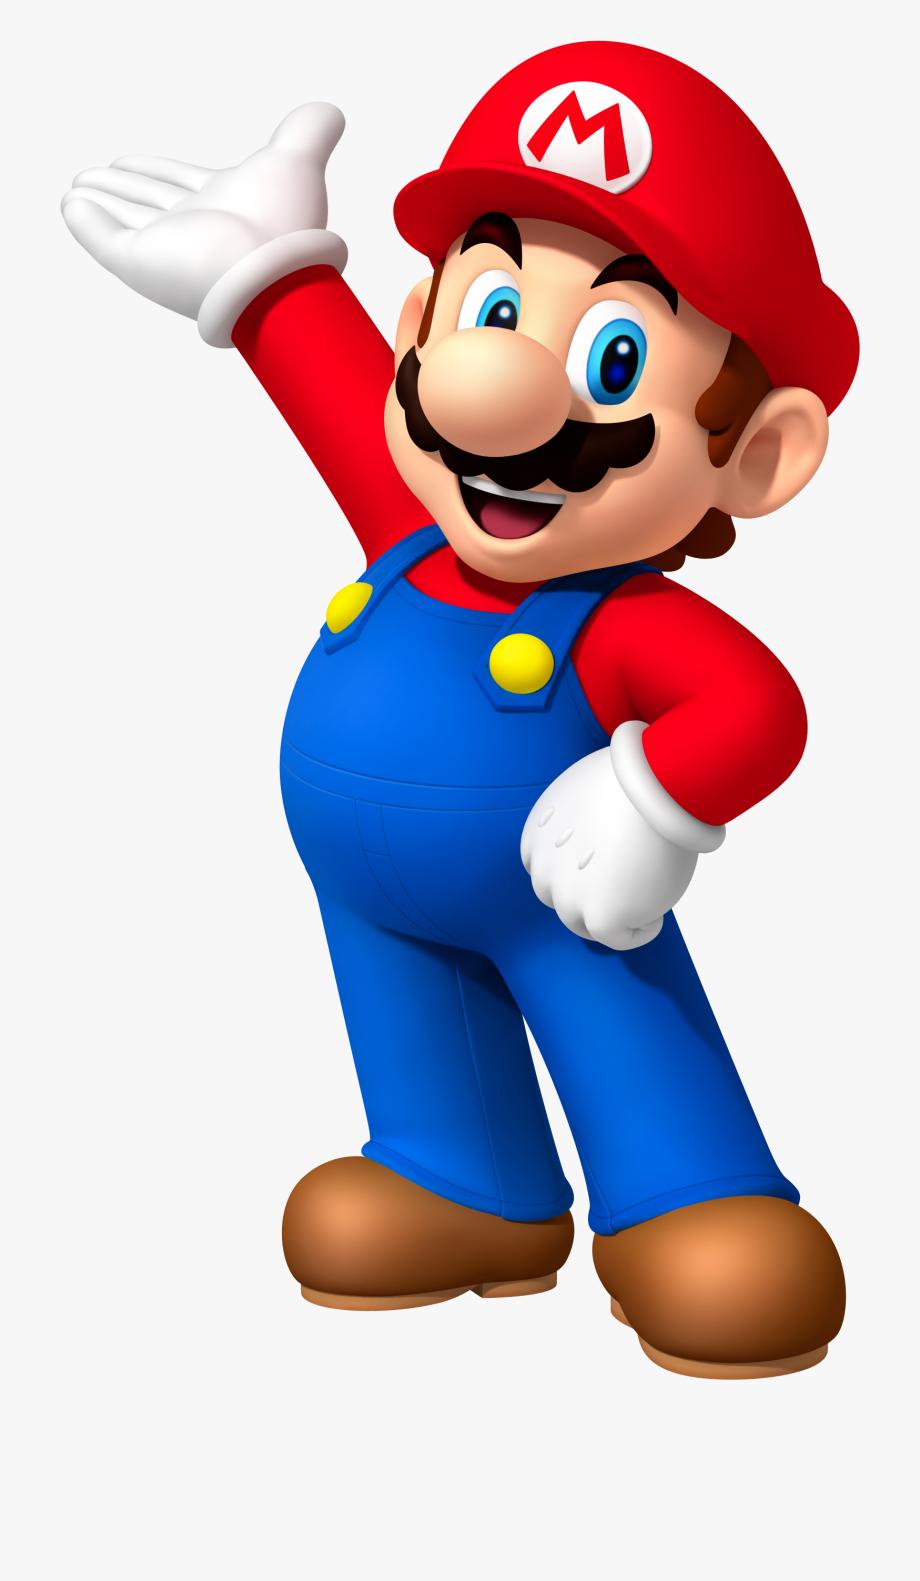 Super Mario Bros Png #184491.